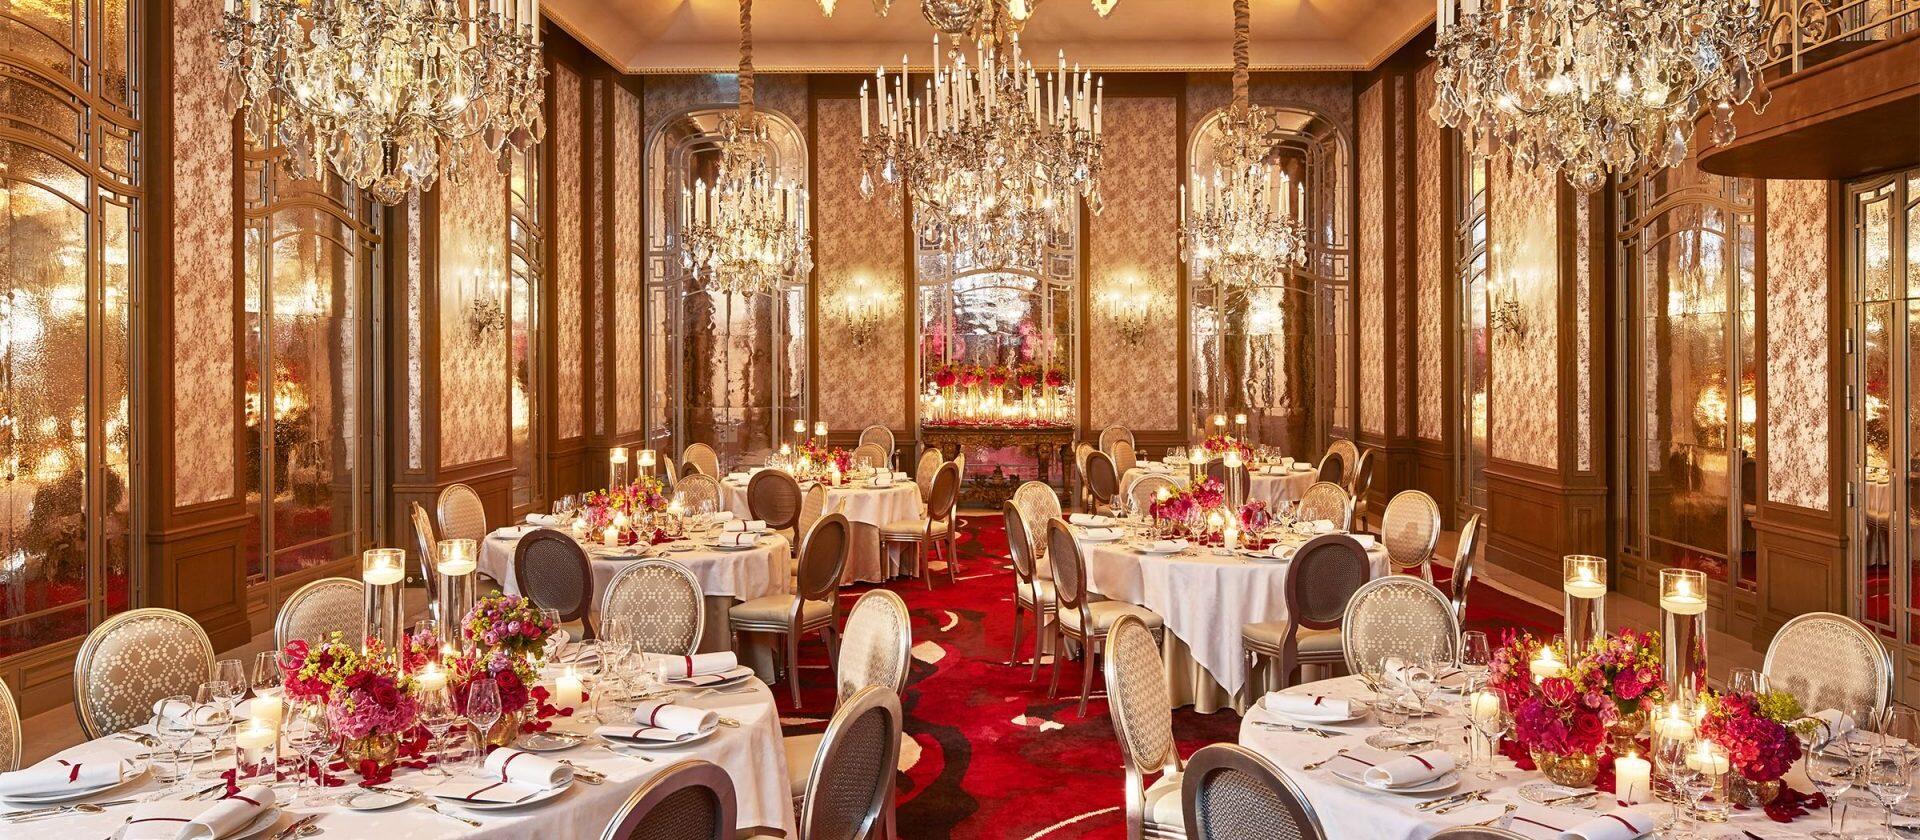 Le Salon Haute Couture Hotel Plaza Athenee Dorchester